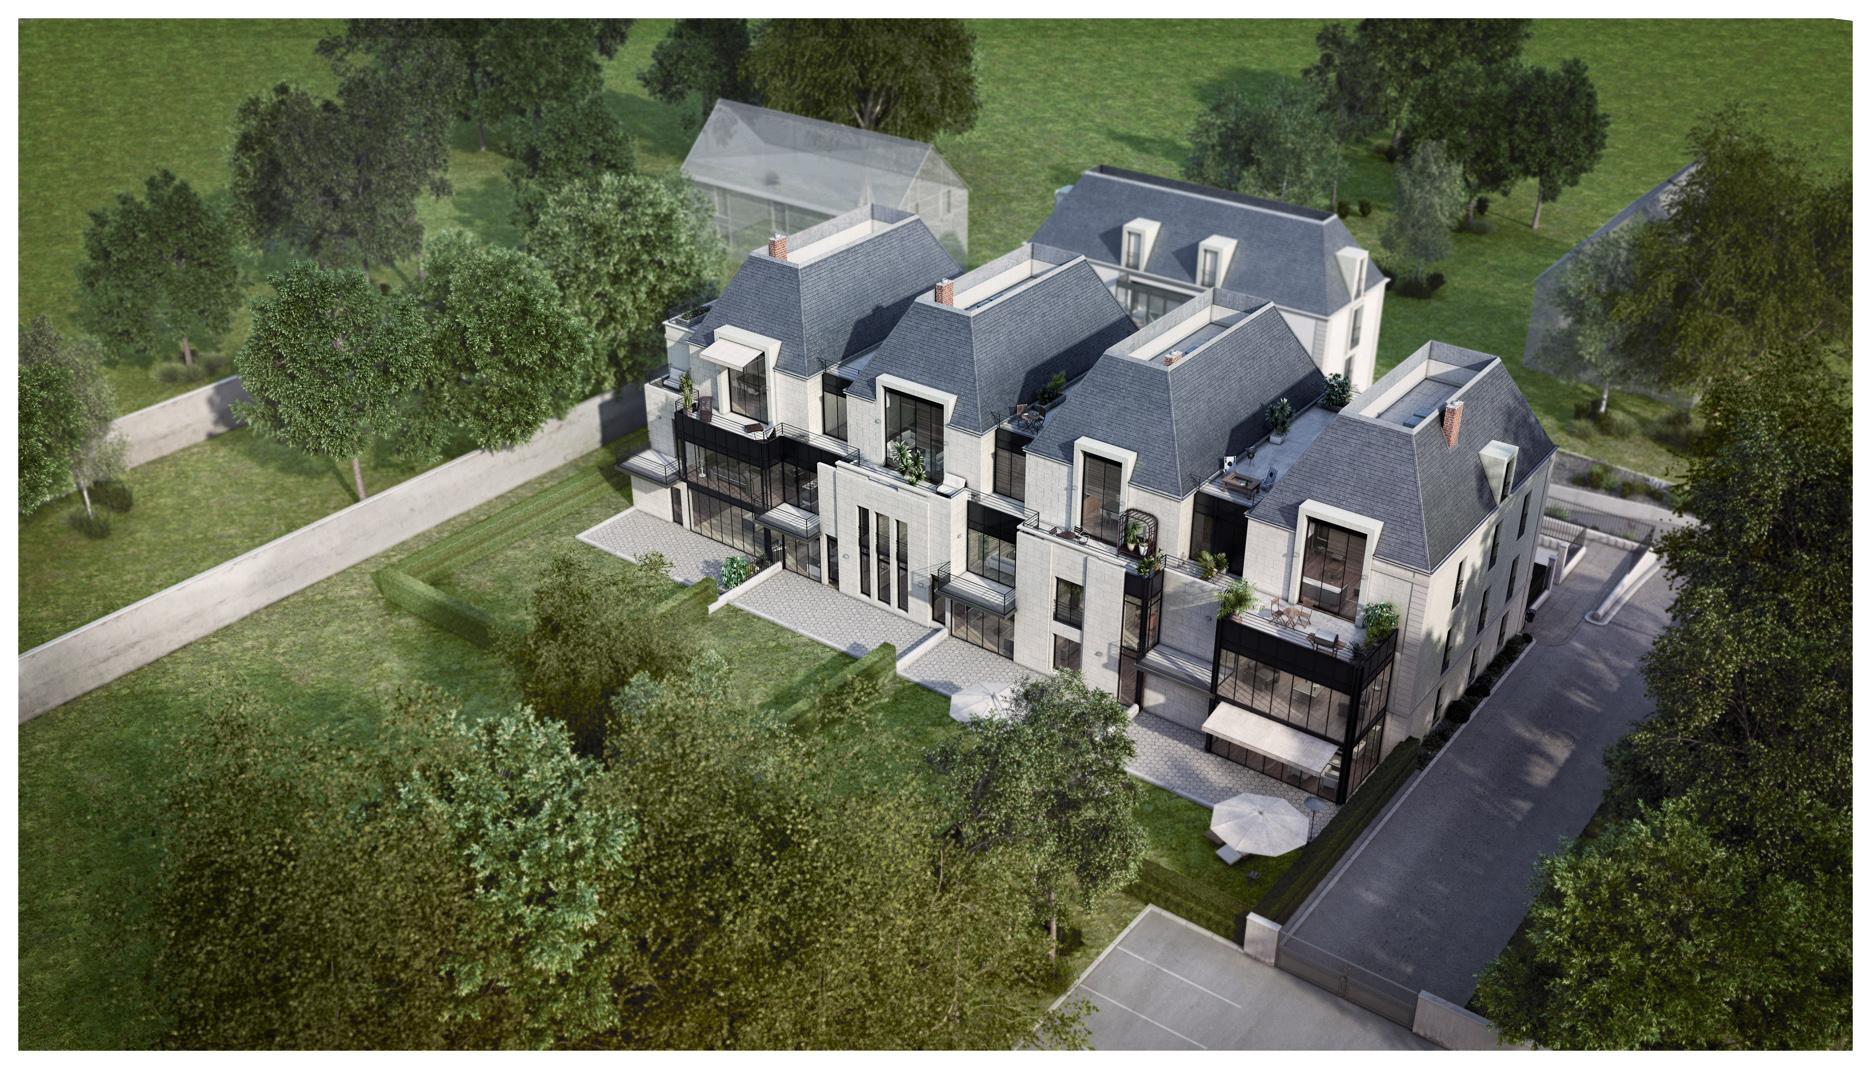 Dripmoon-archvis-graphiste3D-architecture-images-3D-Saint-Cyr (3)